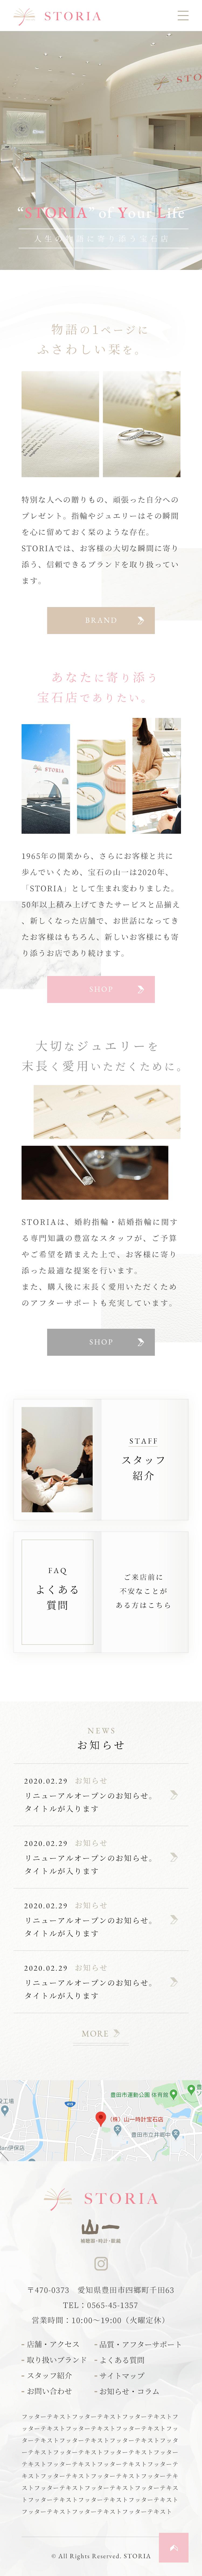 株式会社STORIA 様